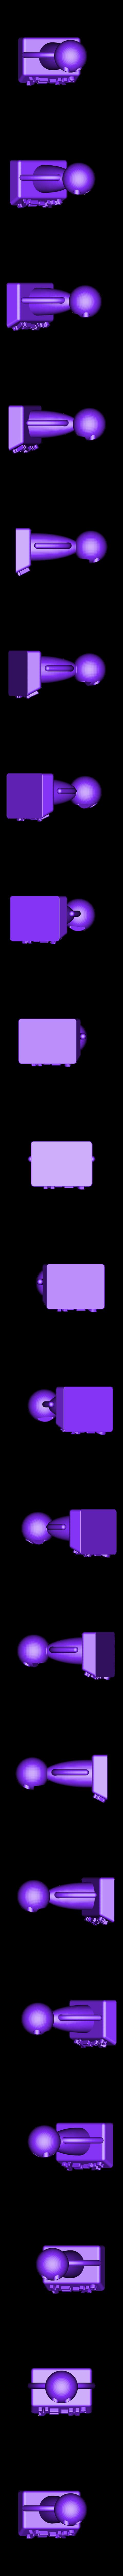 Function_Stickman_y-x²_full.stl Télécharger fichier STL gratuit Dancing Function Stickmen • Plan pour impression 3D, Chrisibub